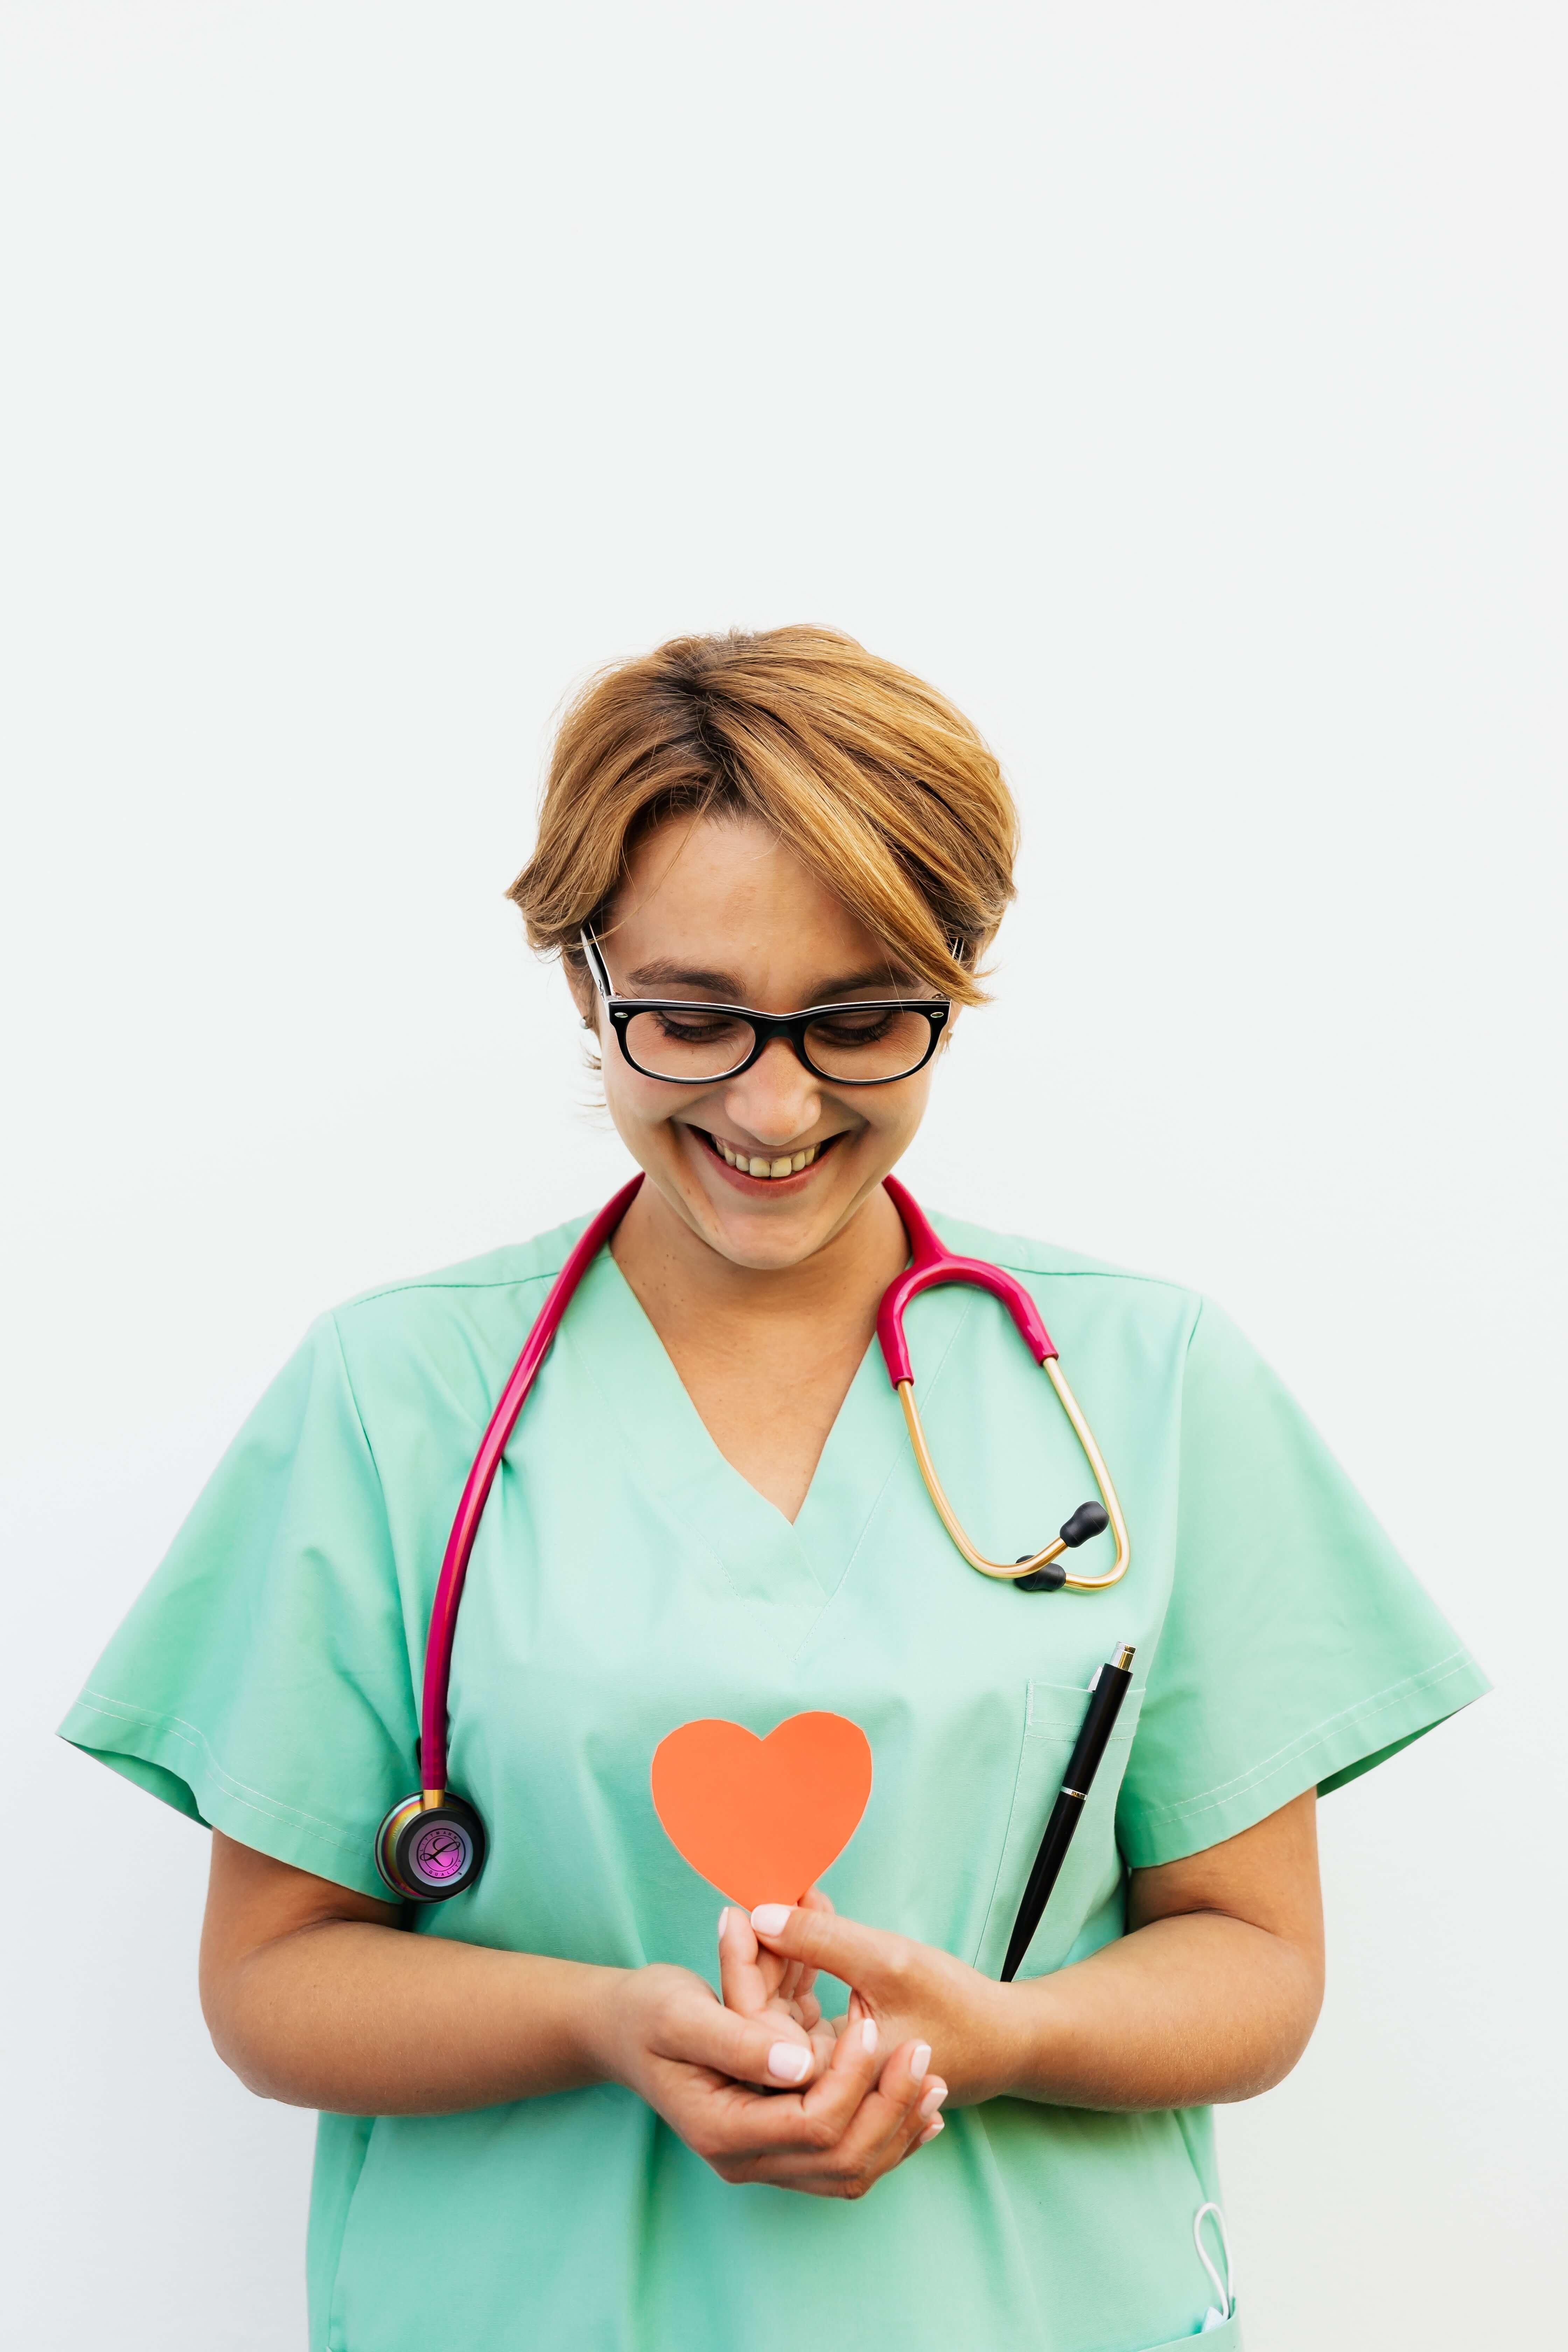 Vanderbilt Women's Health 100 Oaks